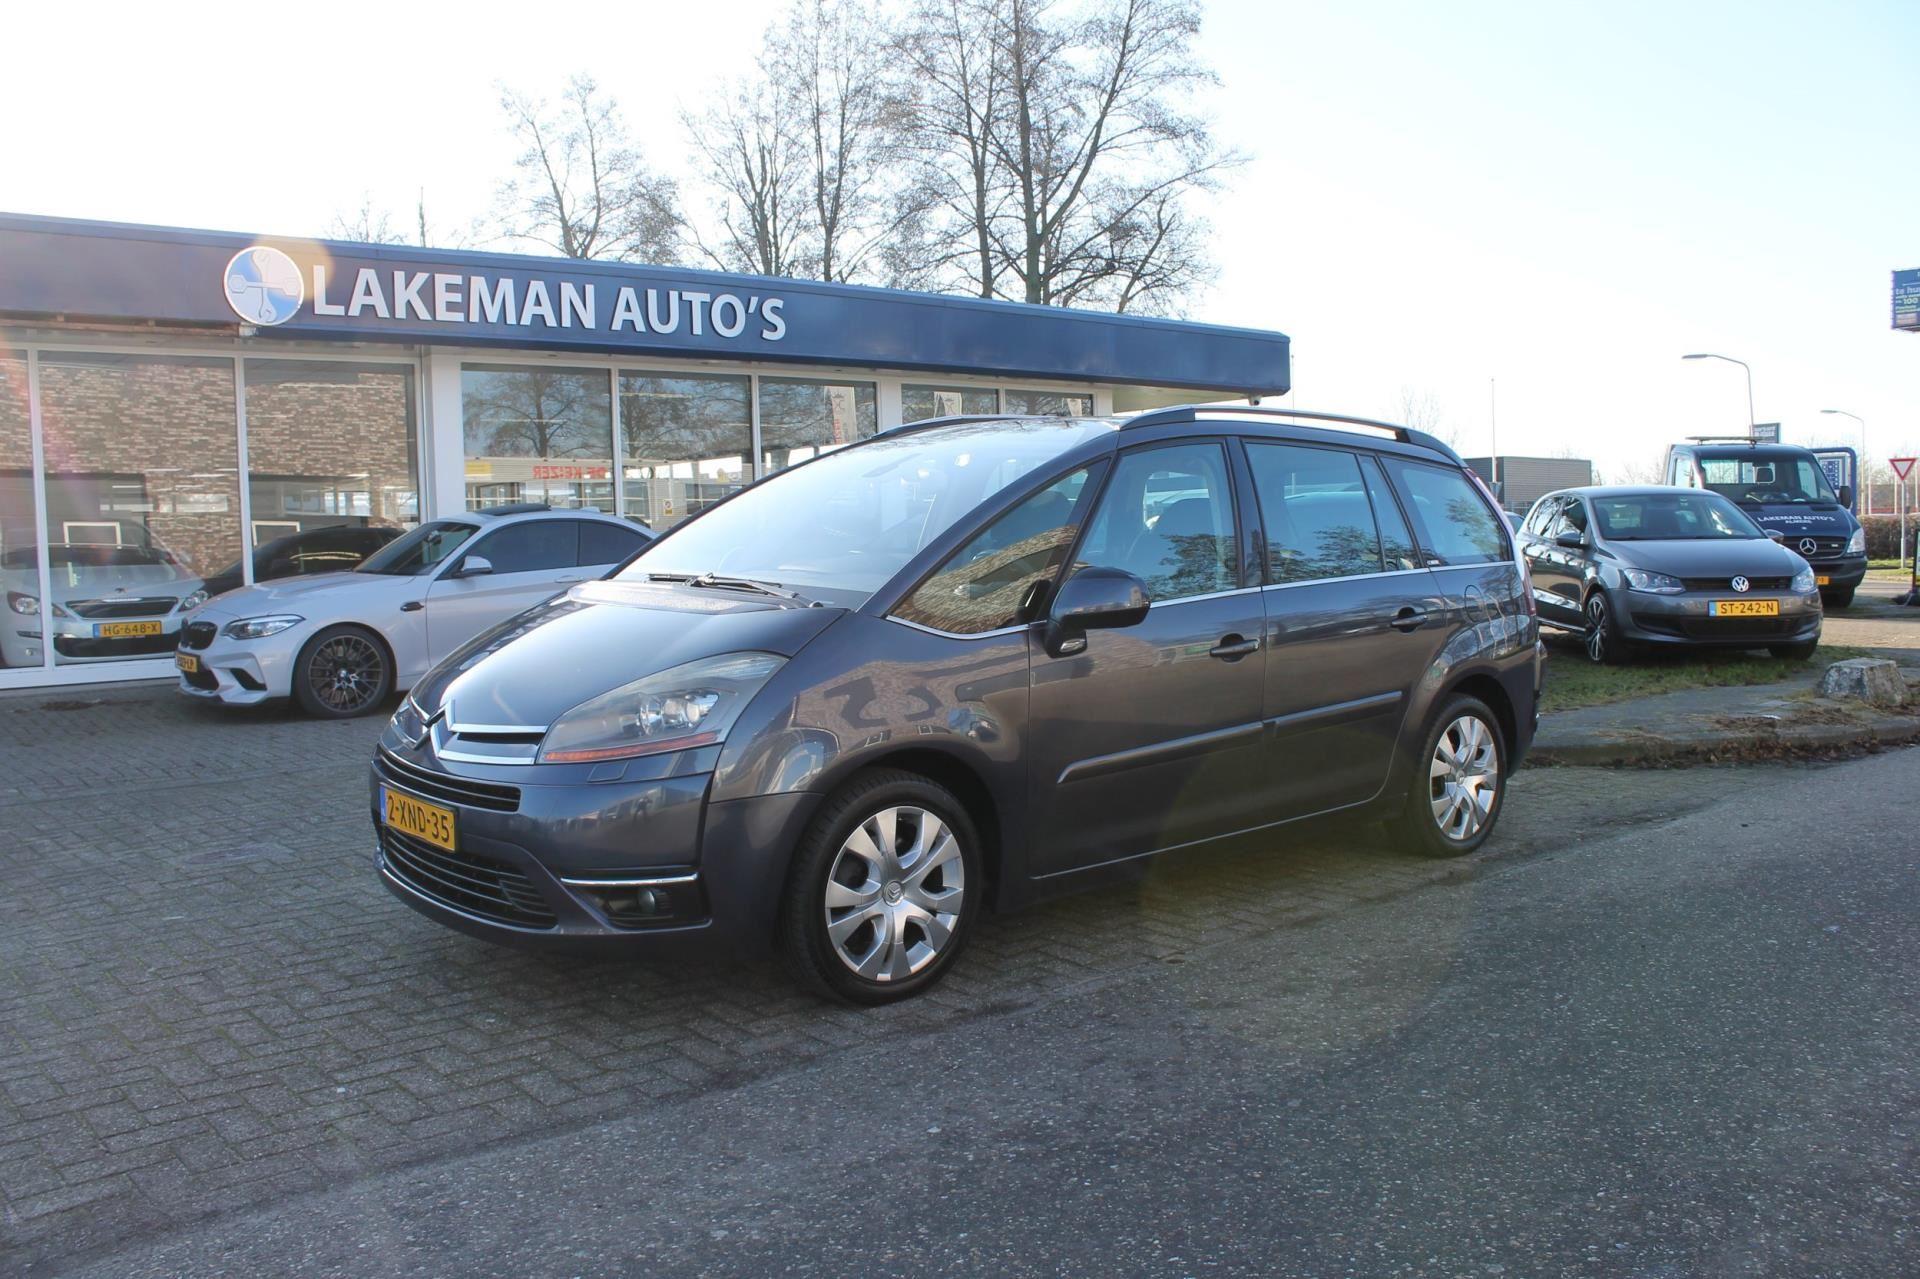 Citroen C4 Picasso occasion - Lakeman auto's Almere B.V.